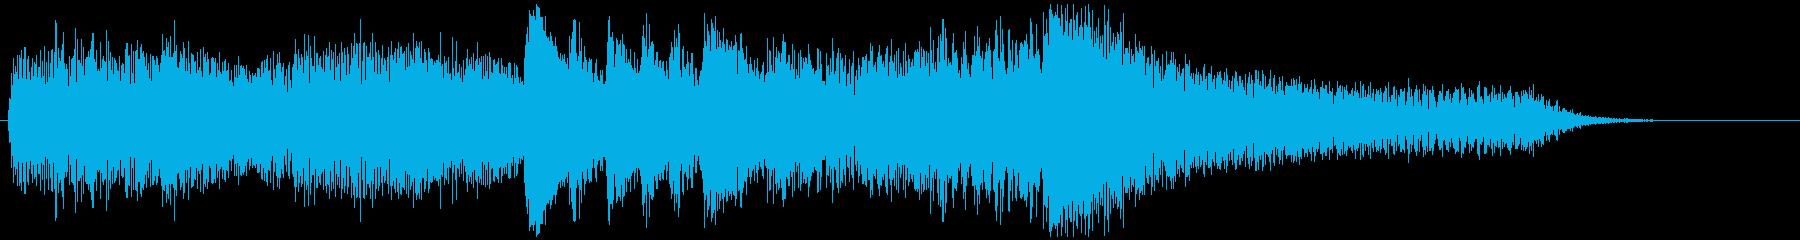 絶望のピアノの再生済みの波形